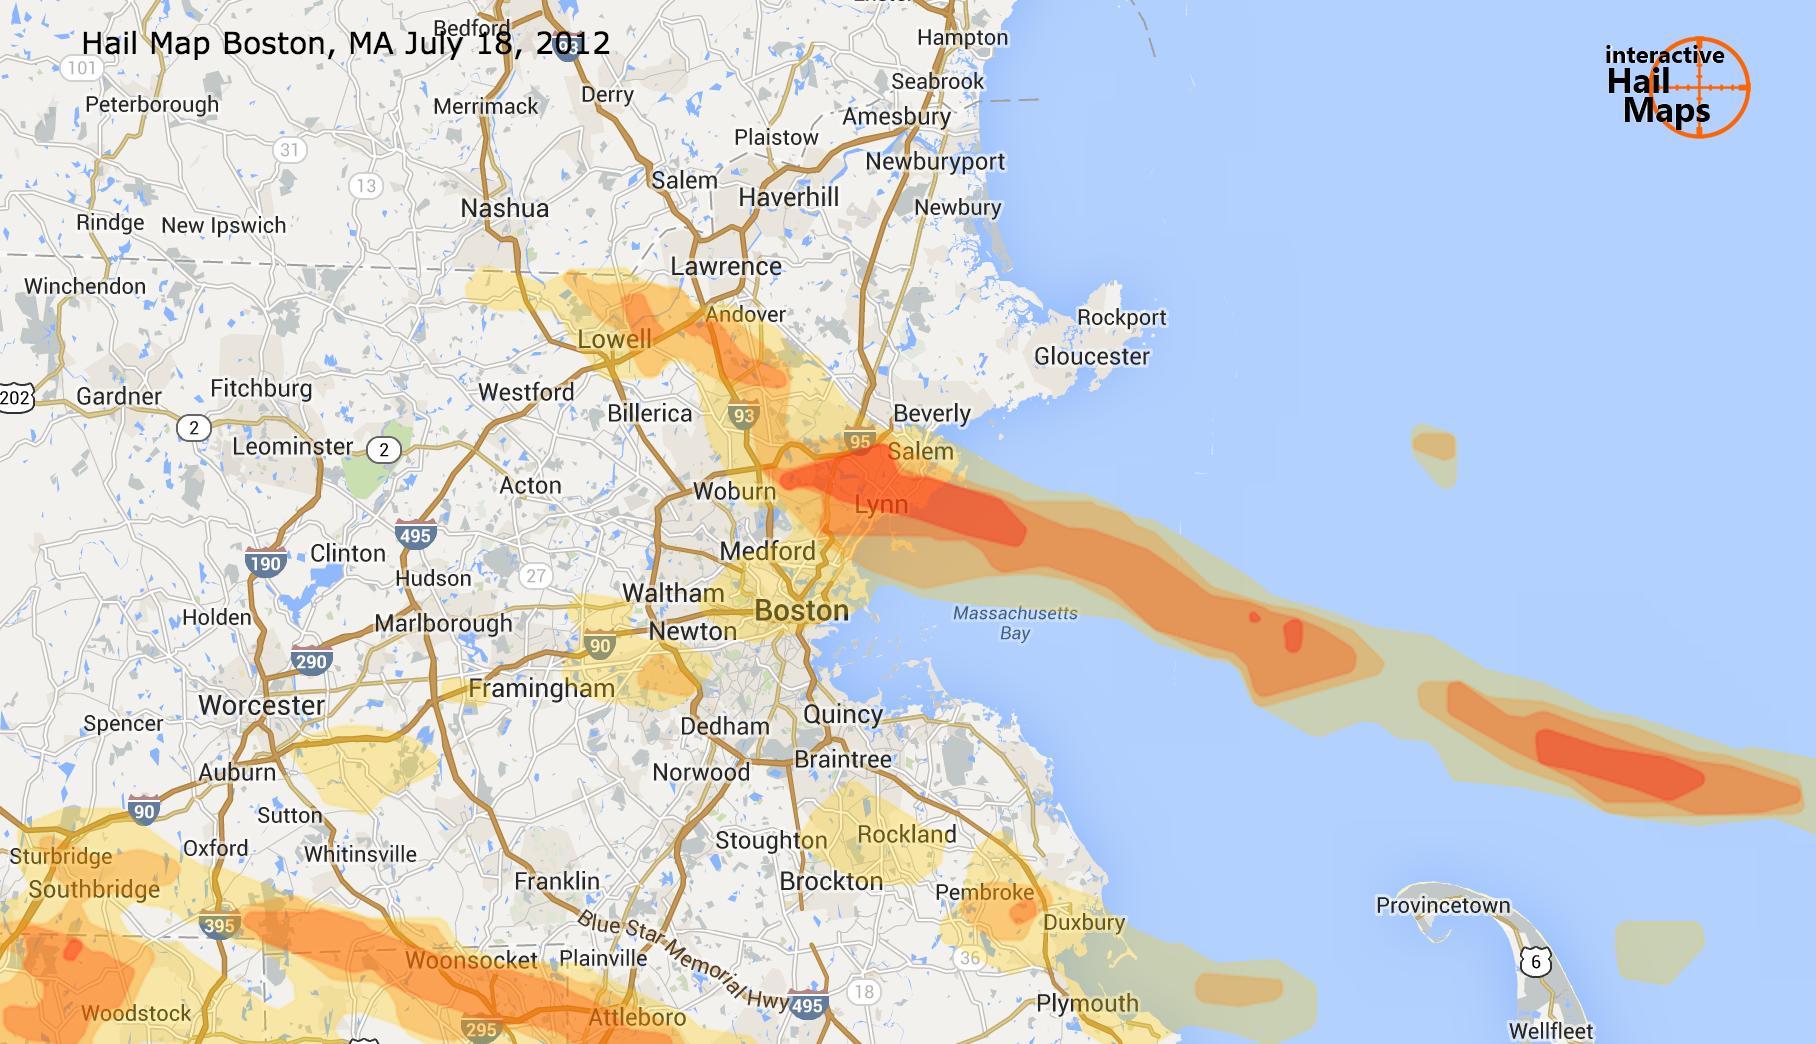 Hail Map Boston MA July 18 2012